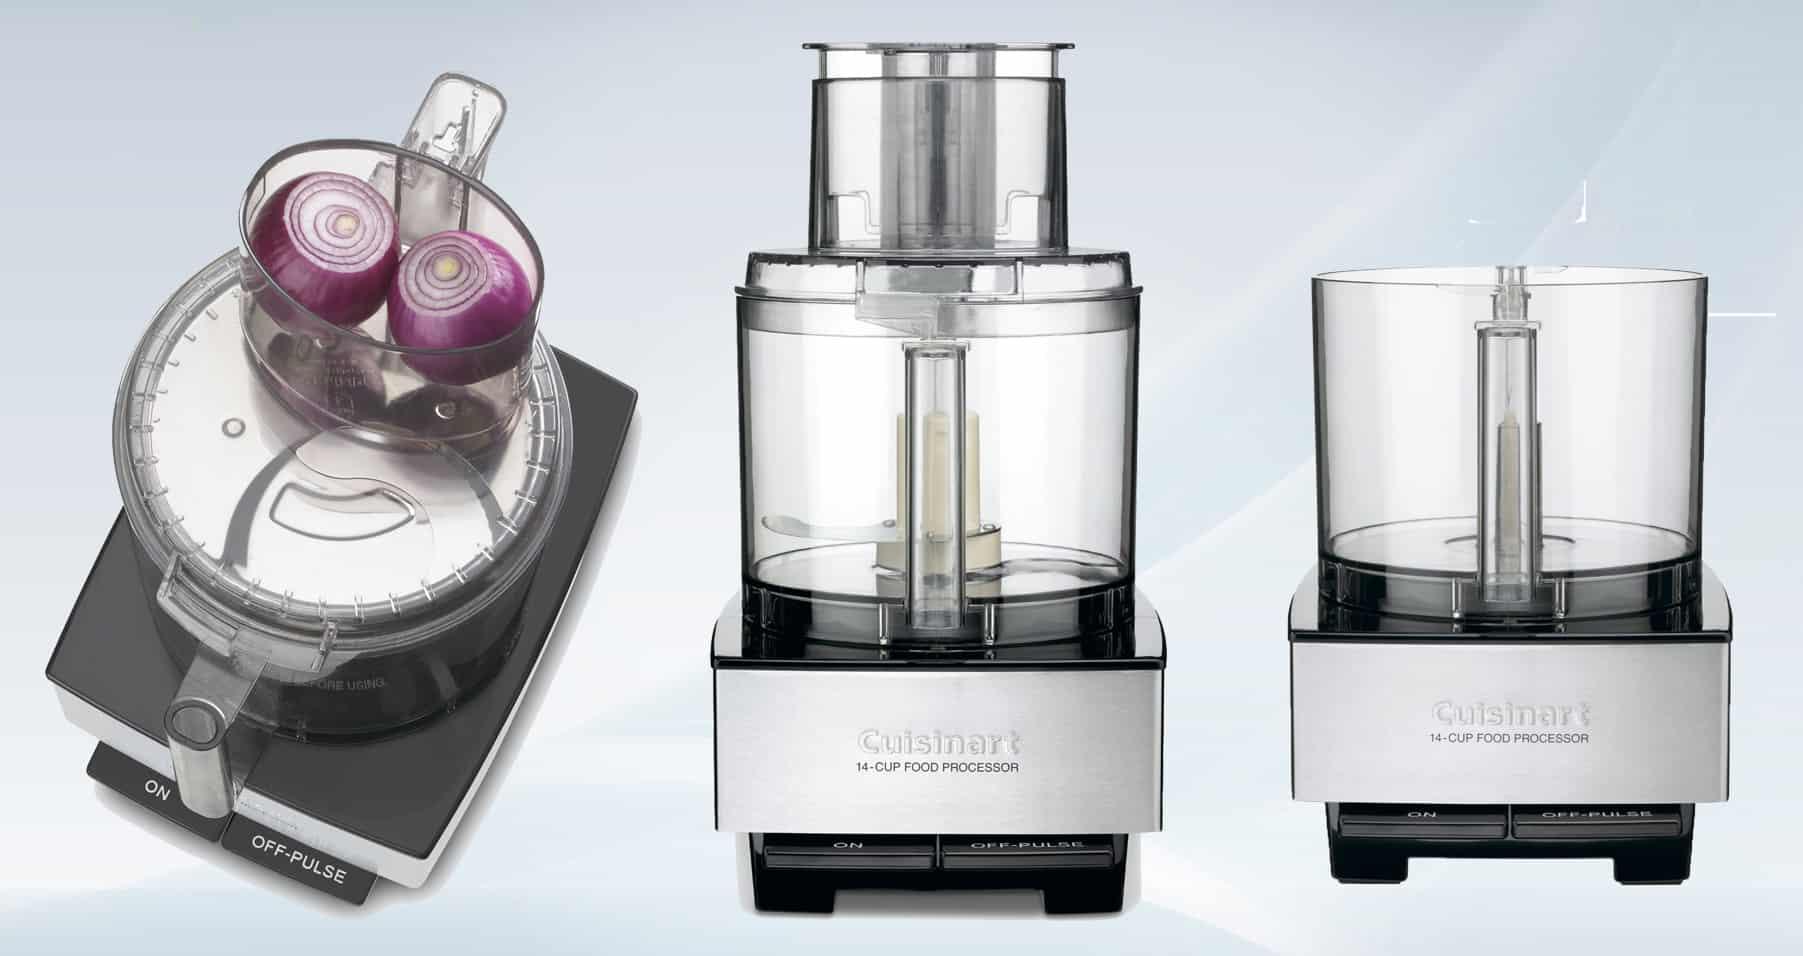 cuisinart 14 cup food processor reviews DFP-14BCN